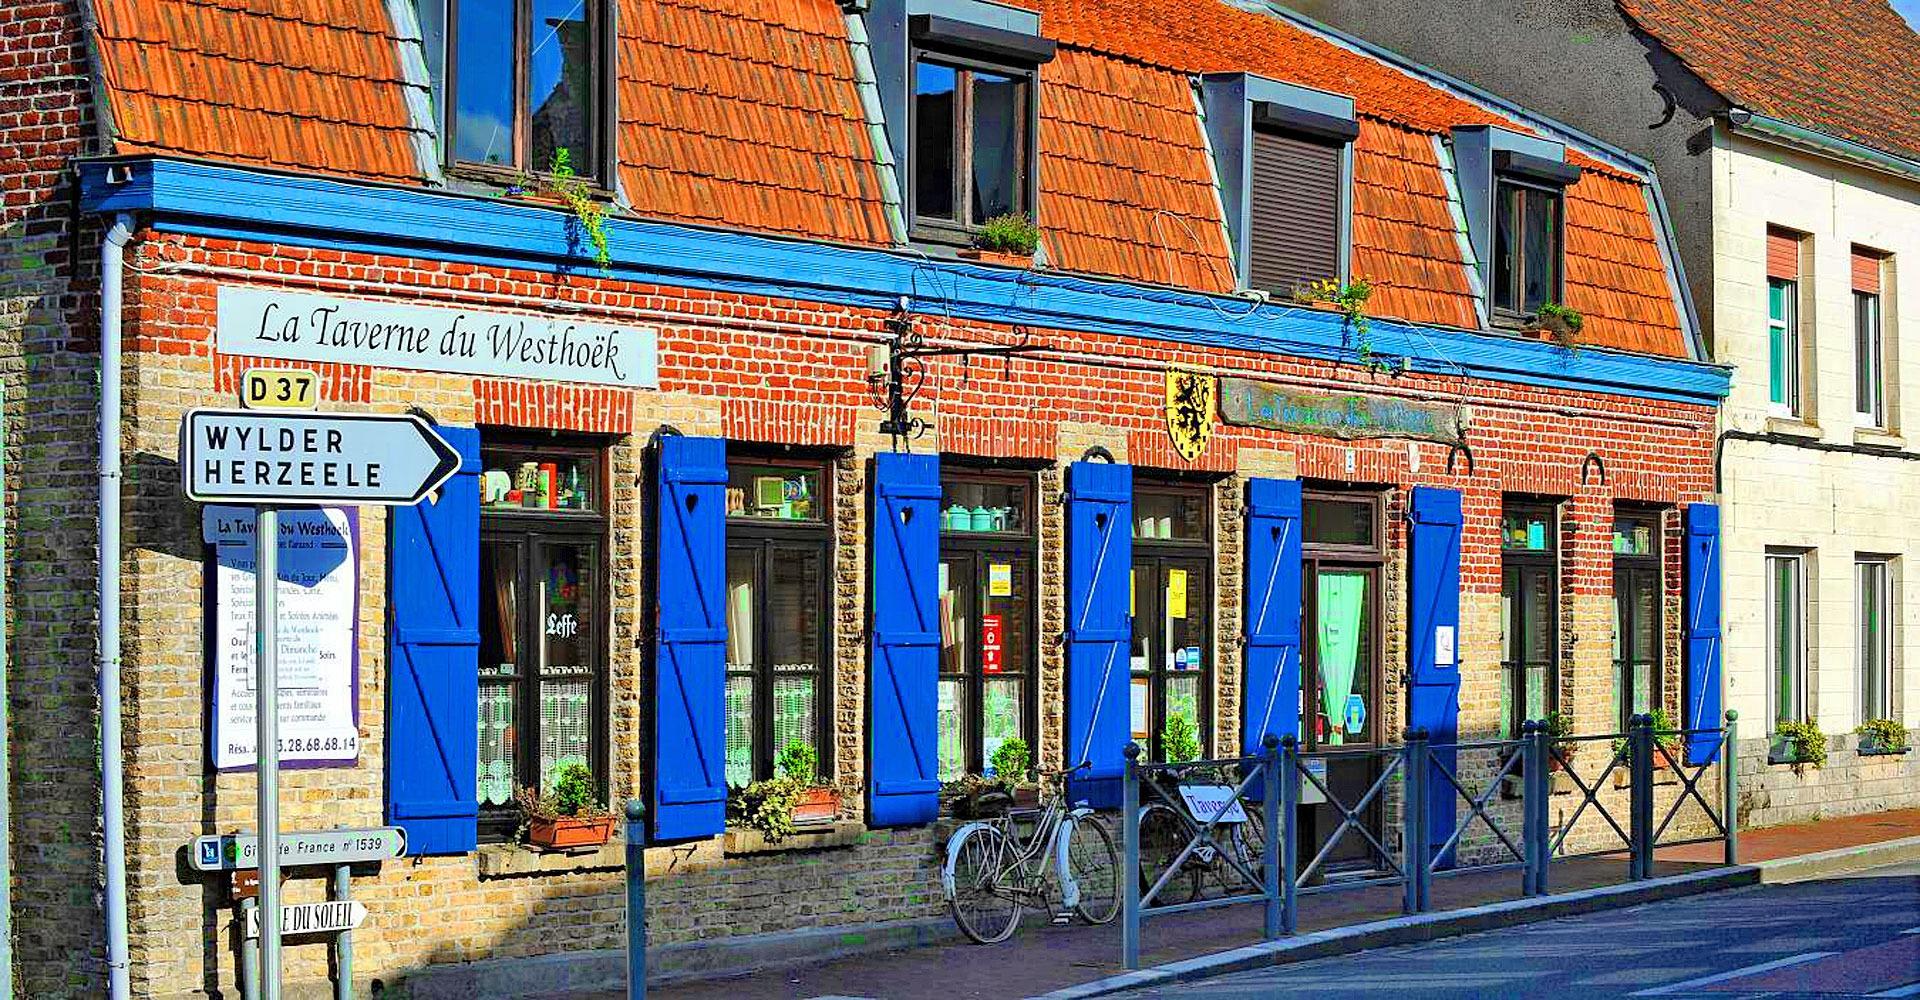 La Taverne du Westhoek - Estaminets en Nord 3